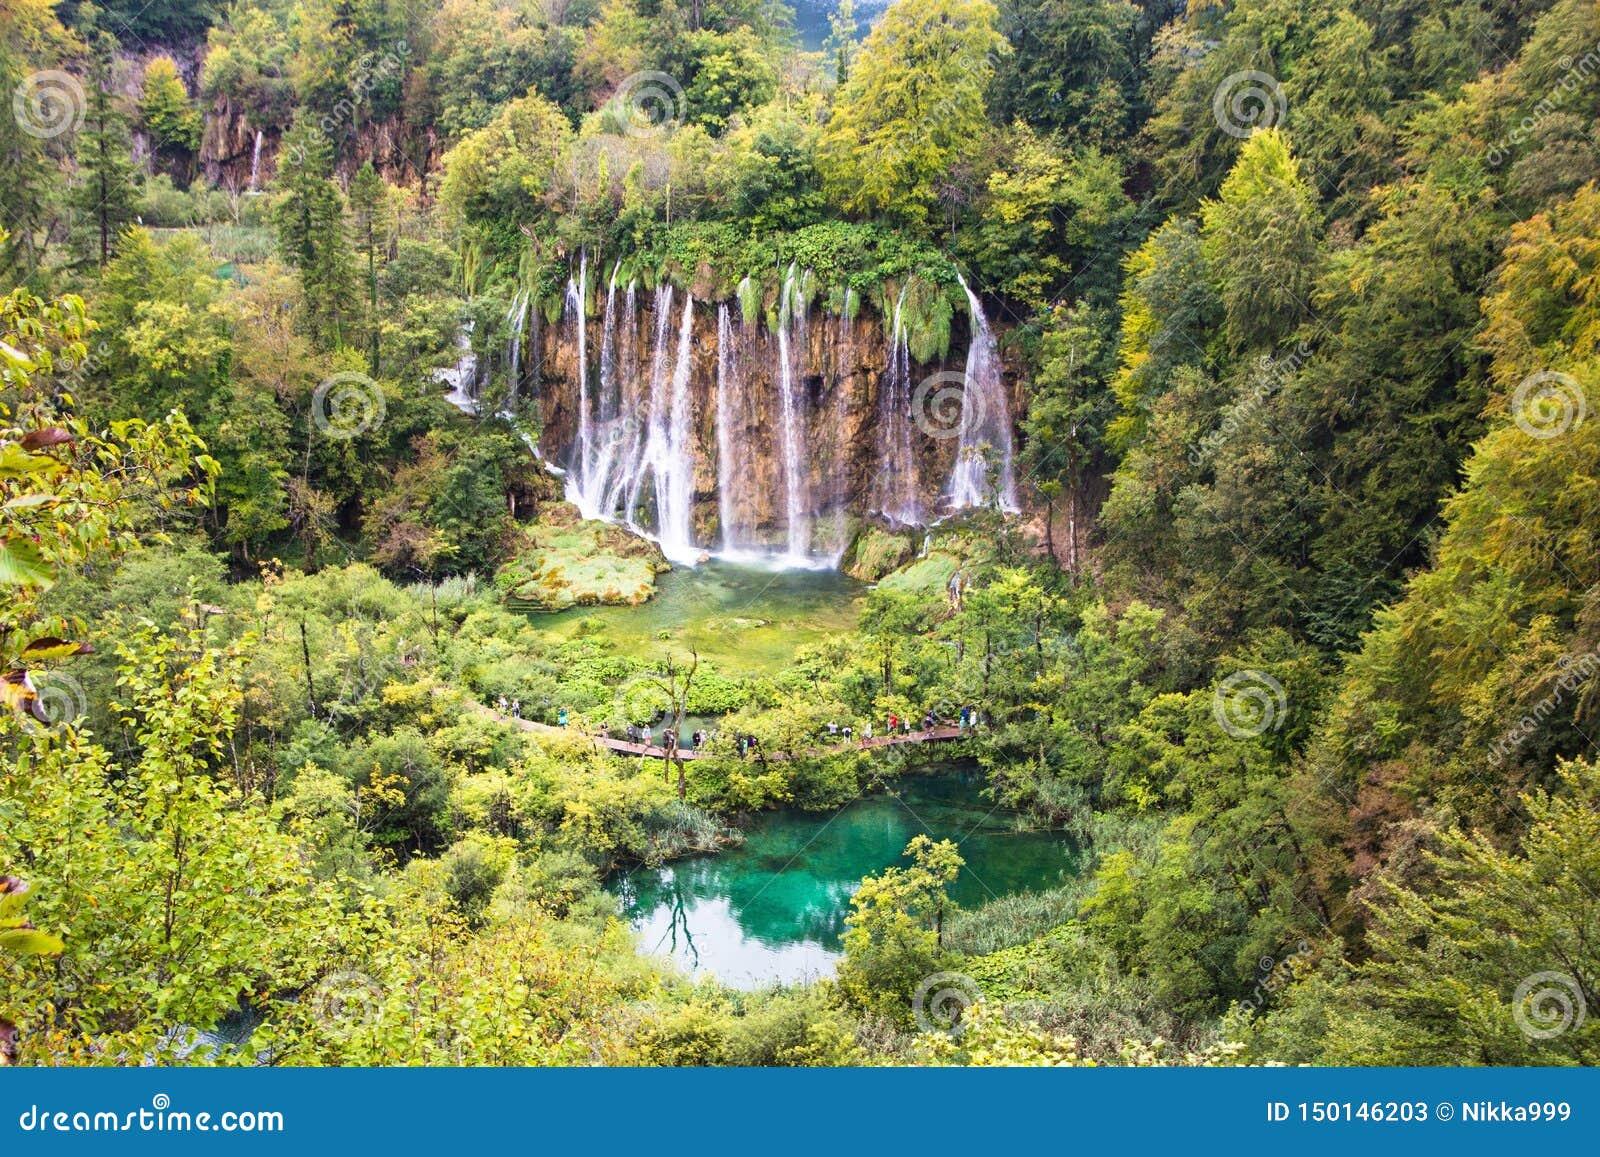 Озера национальный парк Plitvice, Хорватия Красивый водопад и ландшафт озера национального парка озер Plitvice